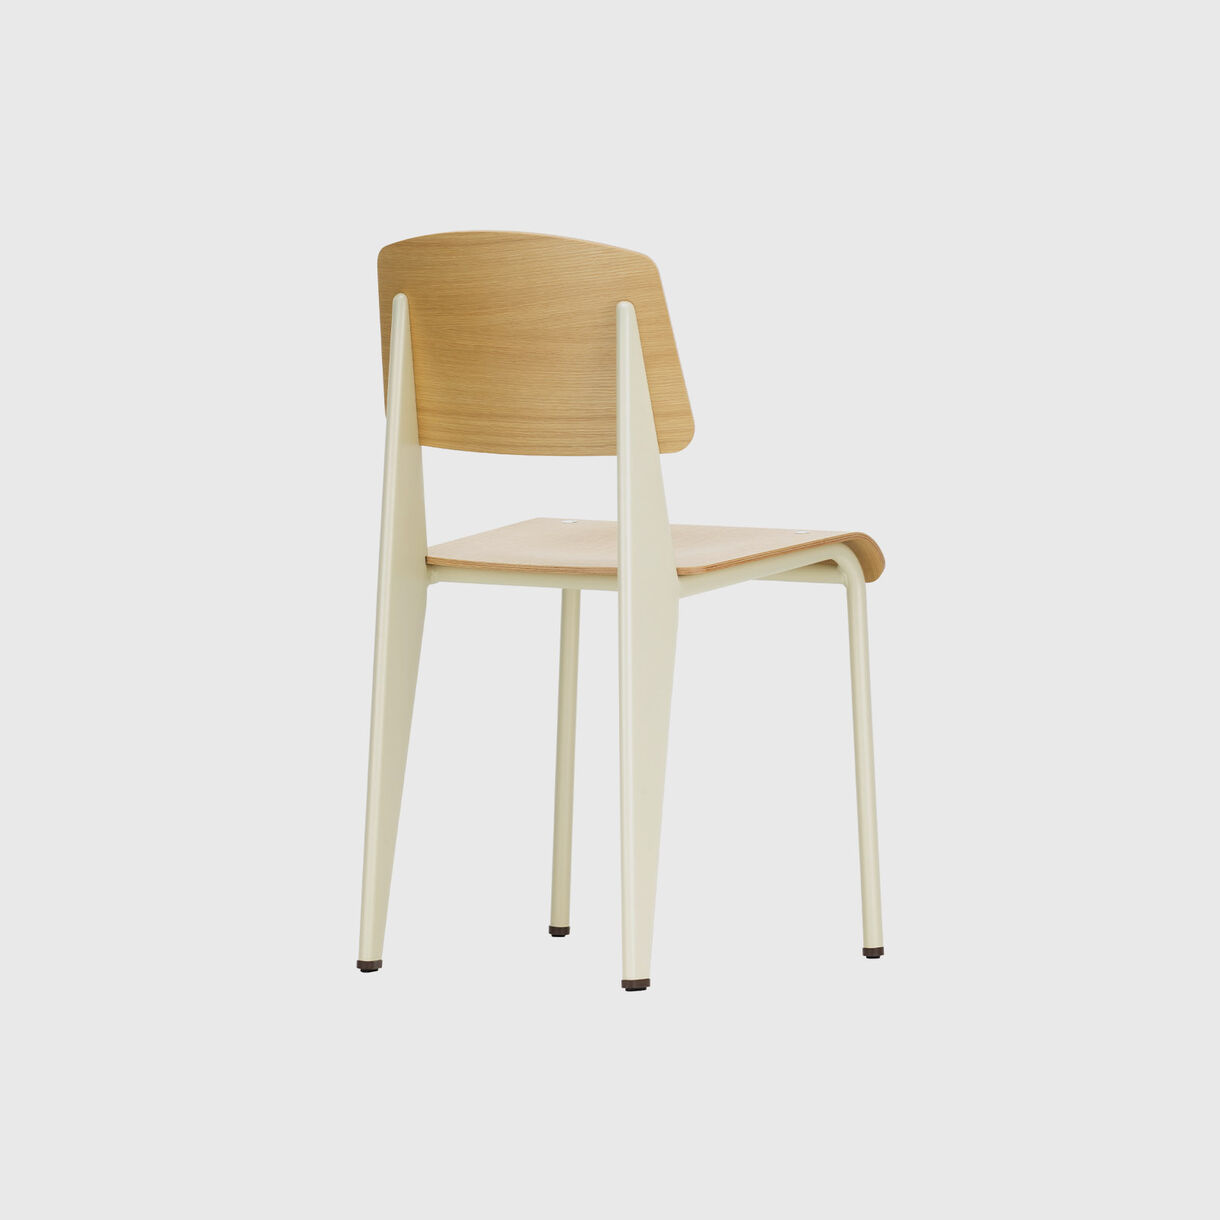 Standard Chair, Ecru & Natural Oak